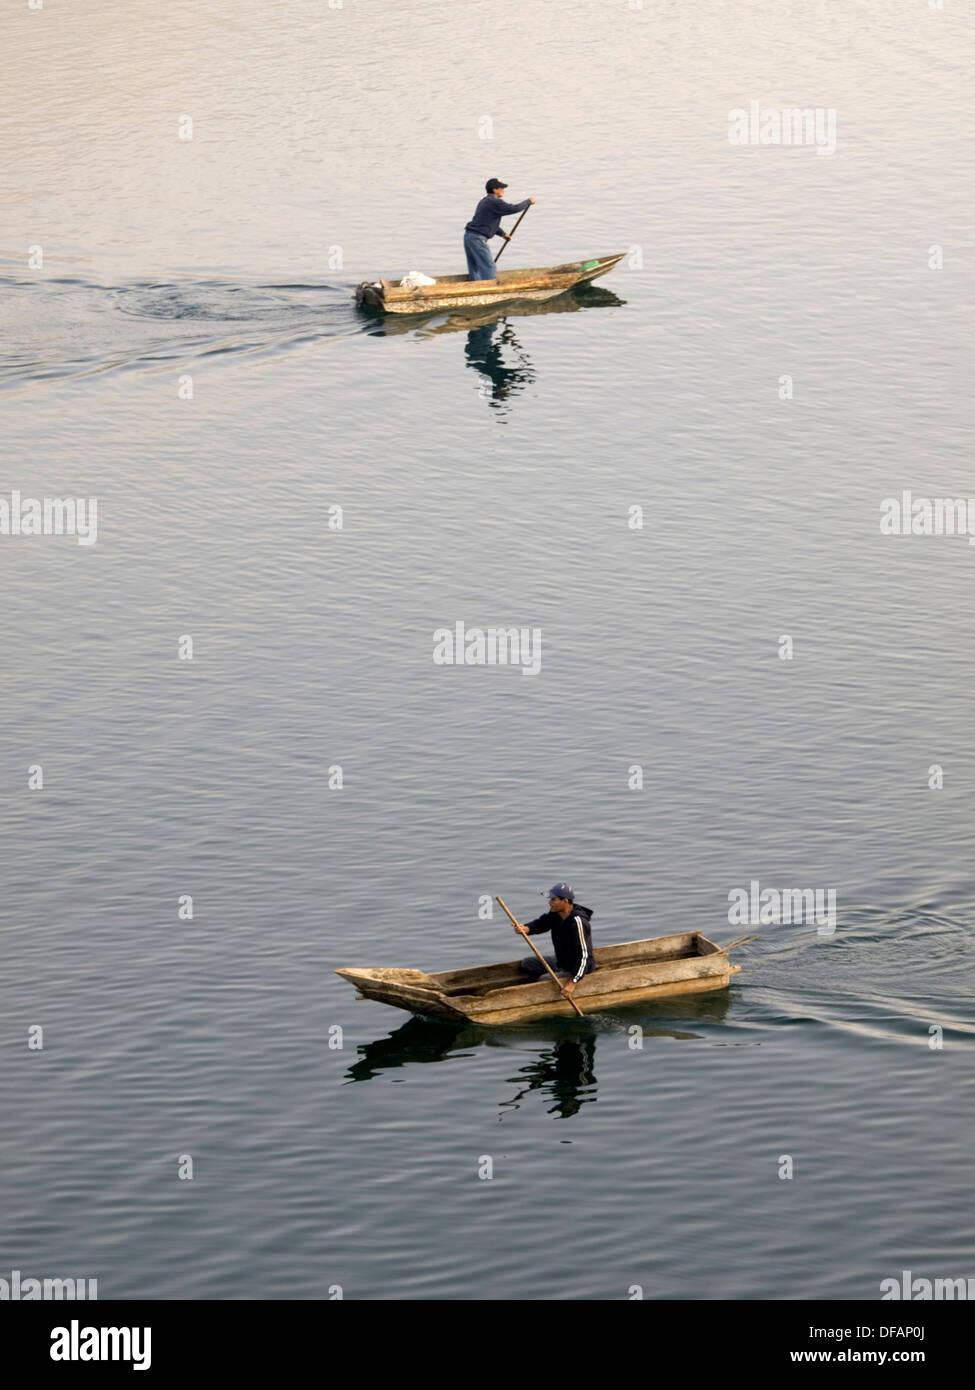 Fishermen at work on Lake Atitlan in Santiago Atitlan, Solola, Guatemala Stock Photo